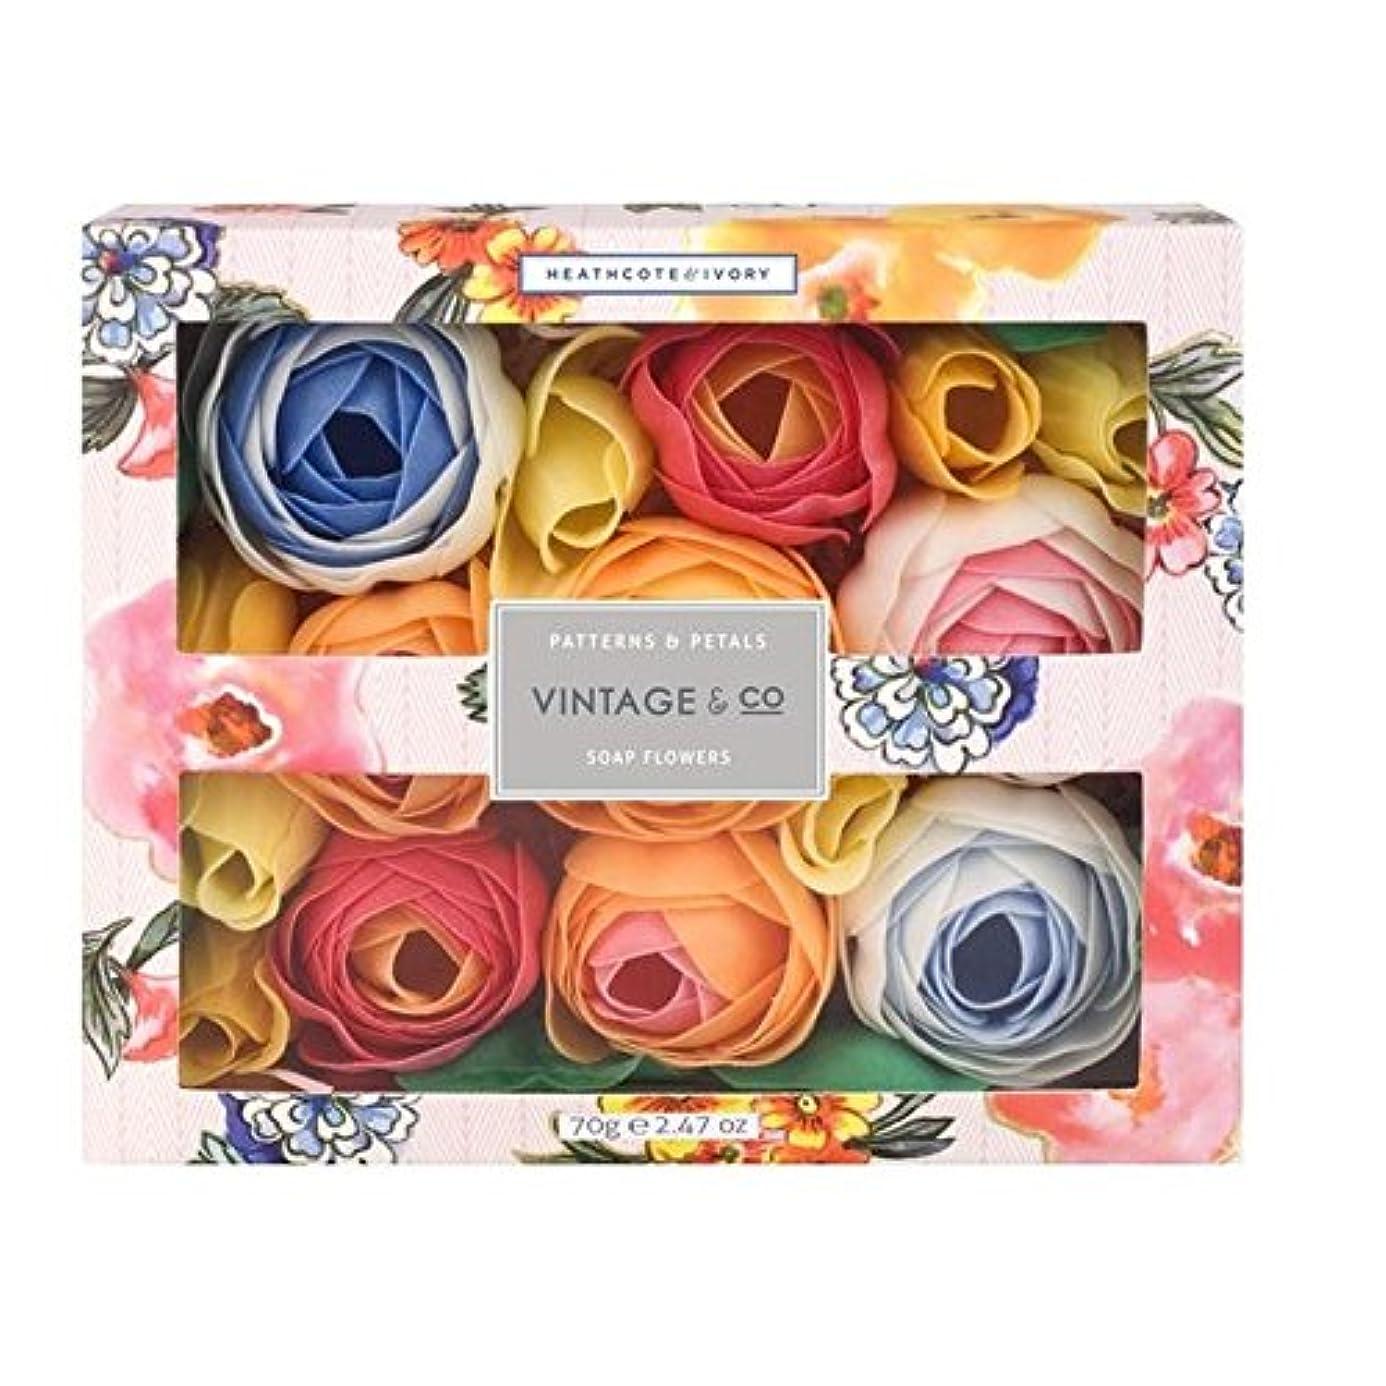 文化真向こうラフ睡眠ヒースコート&アイボリーパターン&花びら石鹸の花70グラム x4 - Heathcote & Ivory Patterns & Petals Soap Flowers 70g (Pack of 4) [並行輸入品]